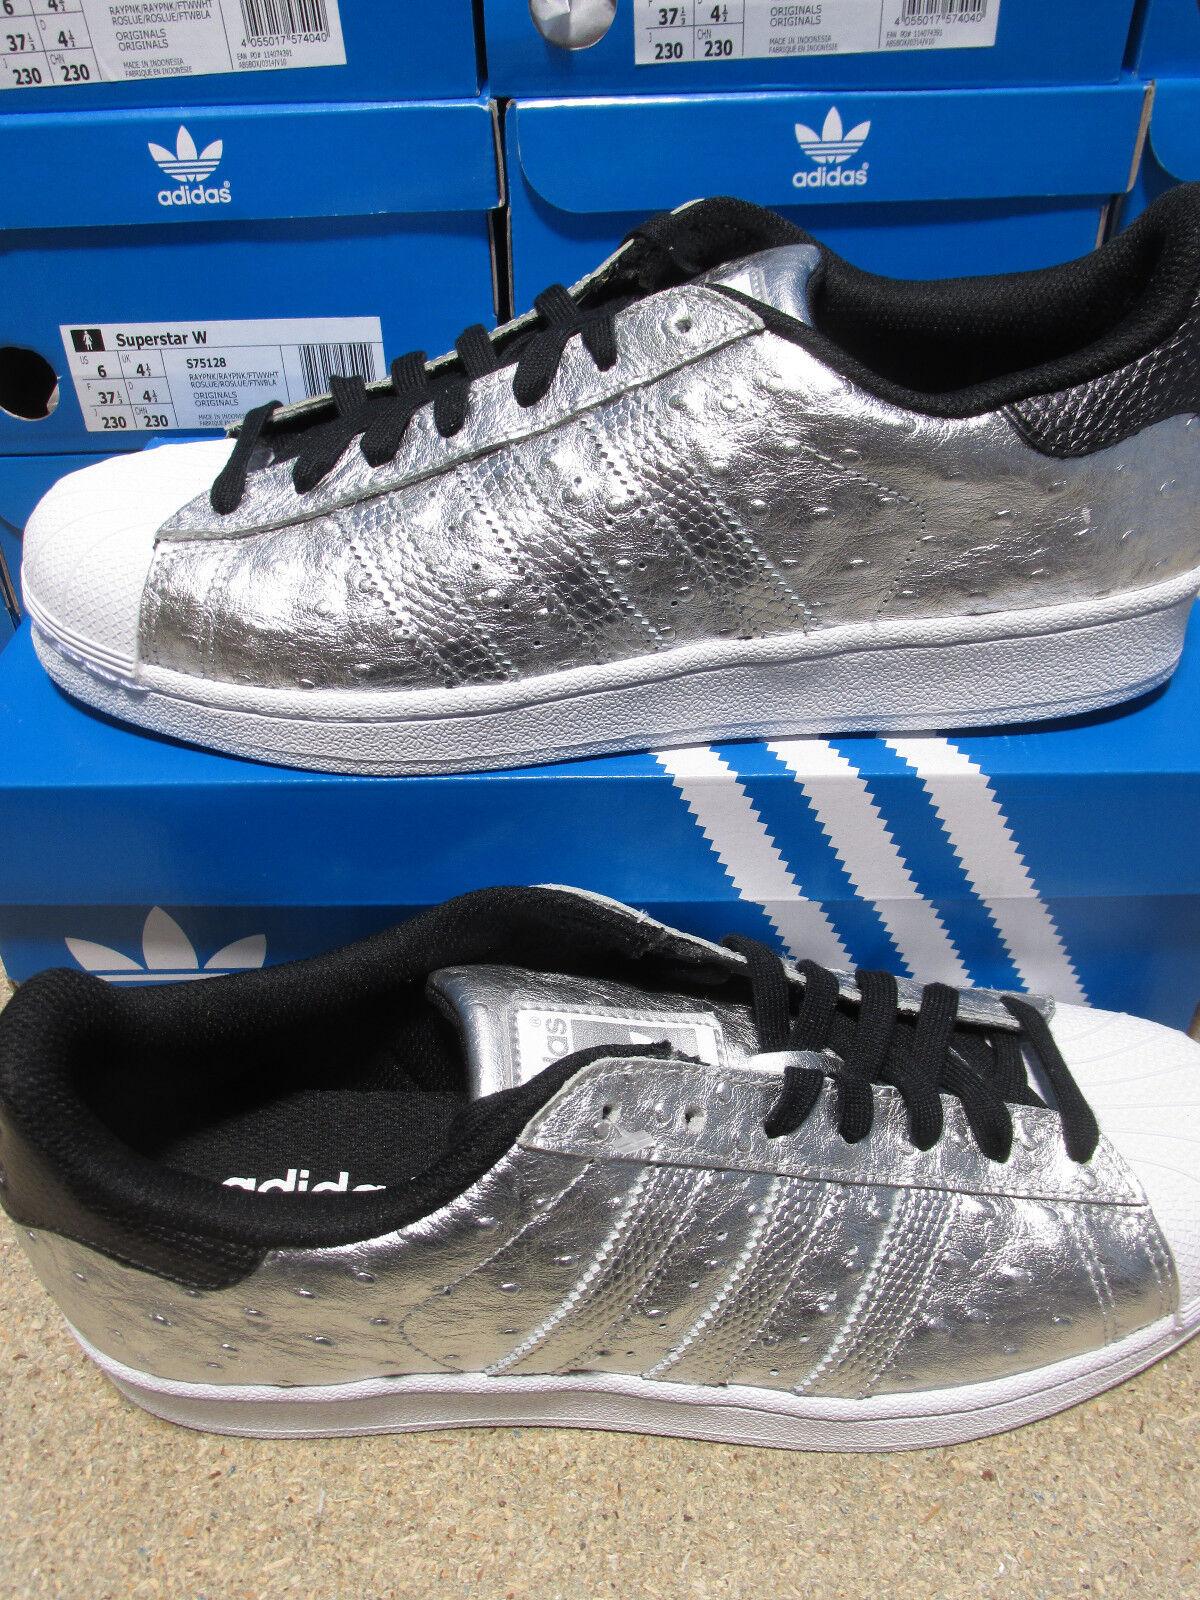 Adidas originals superstar mens trainers AQ4701 Turnschuhe schuhe